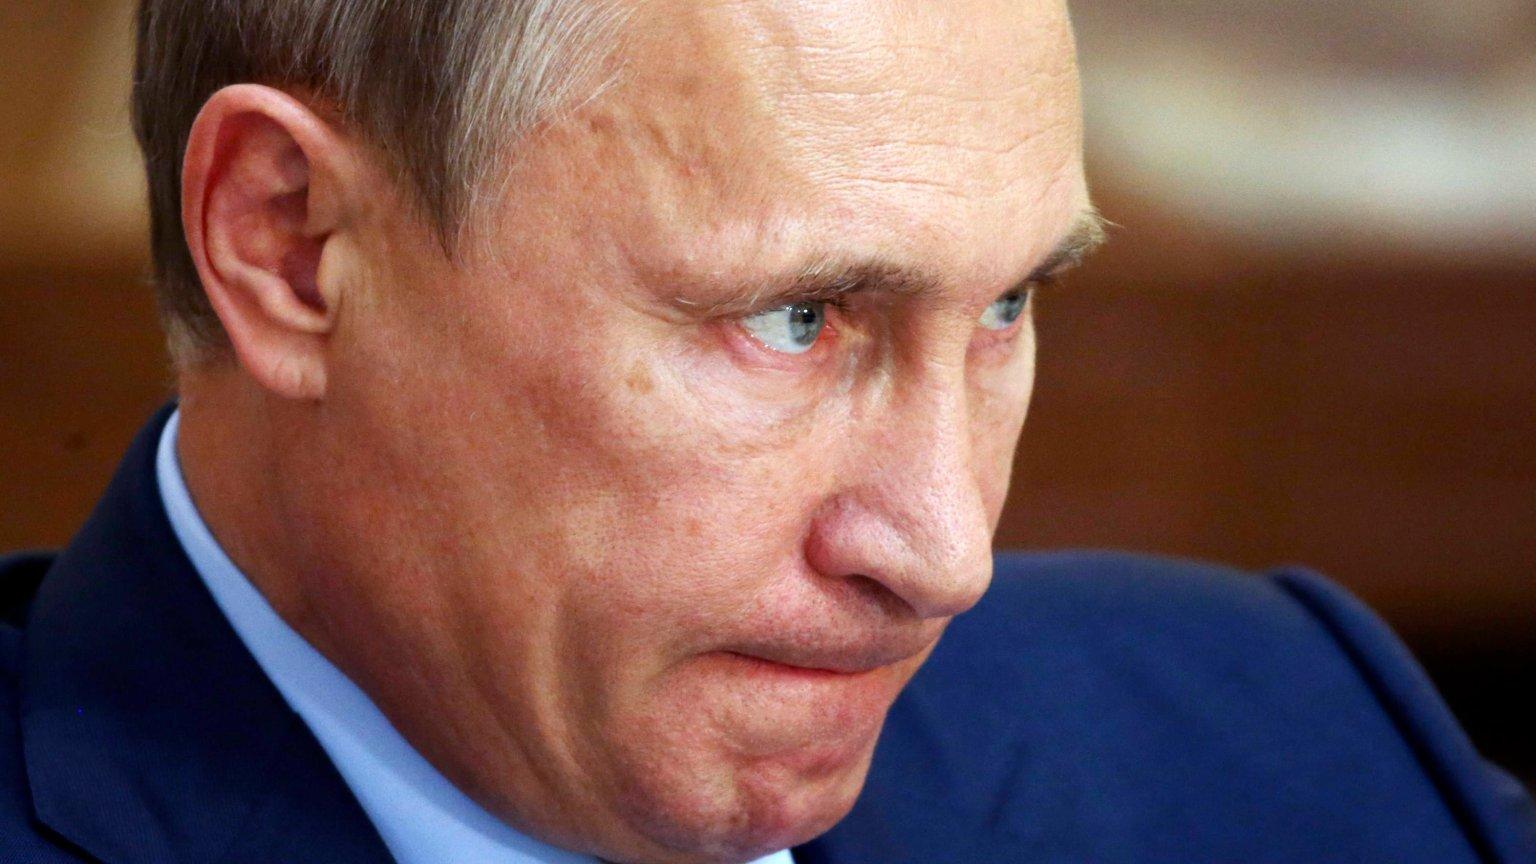 Войны, пенсионный возраст, налоги и цены на нефть: зачем на самом деле Путину ЧМ-2018 в России